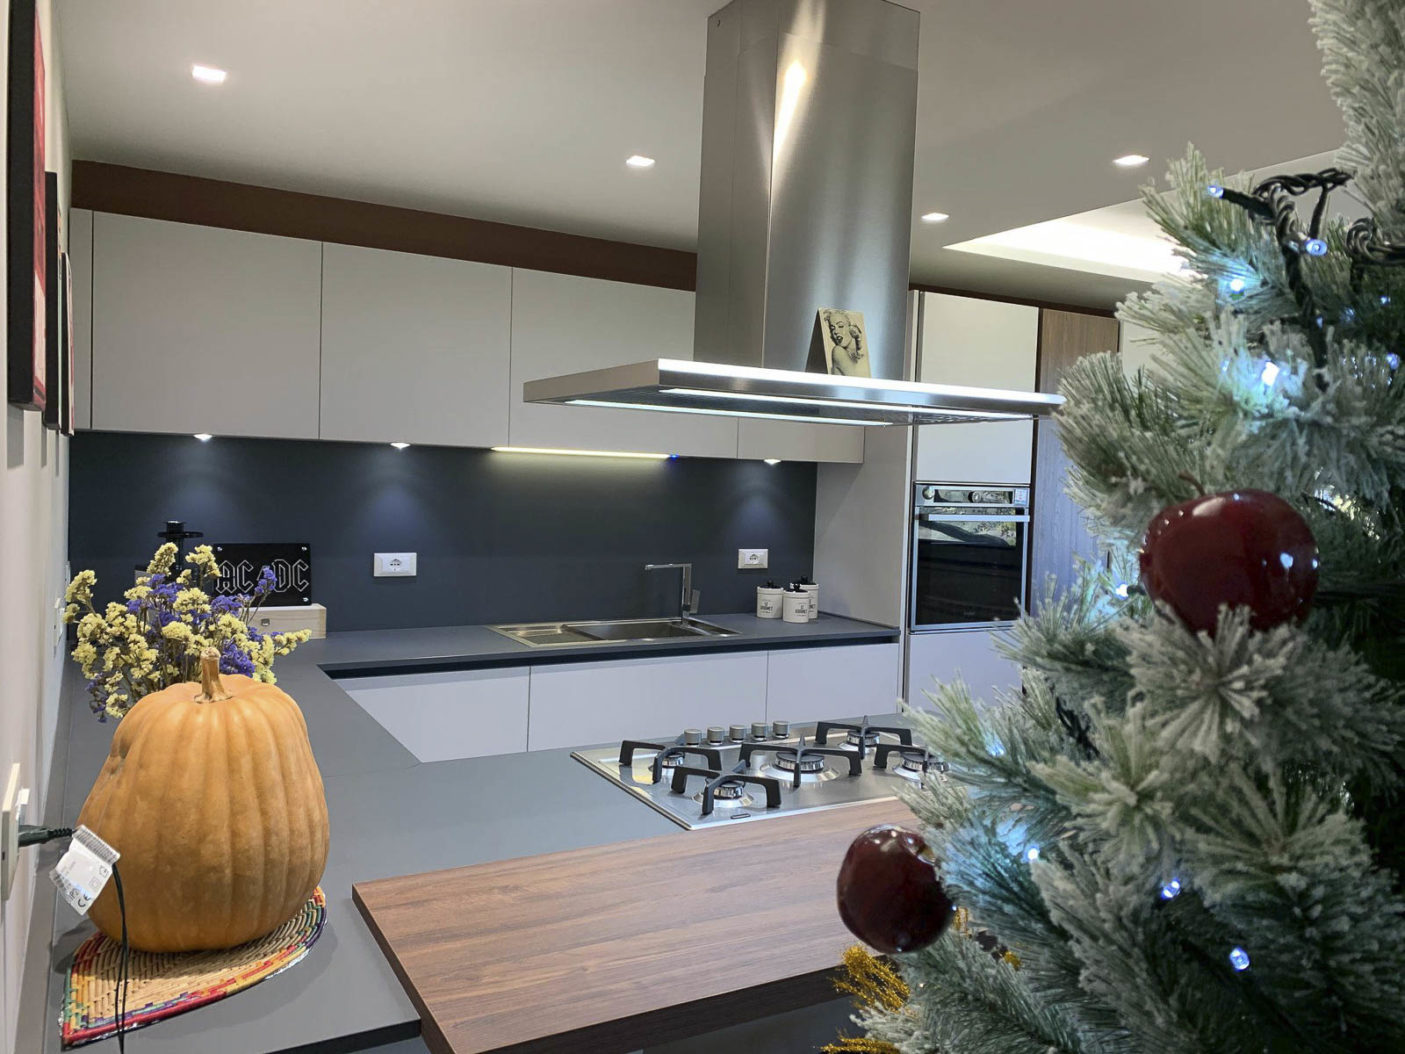 Cucina-Creo-e-Interior-Design-Zona-Living3.jpg